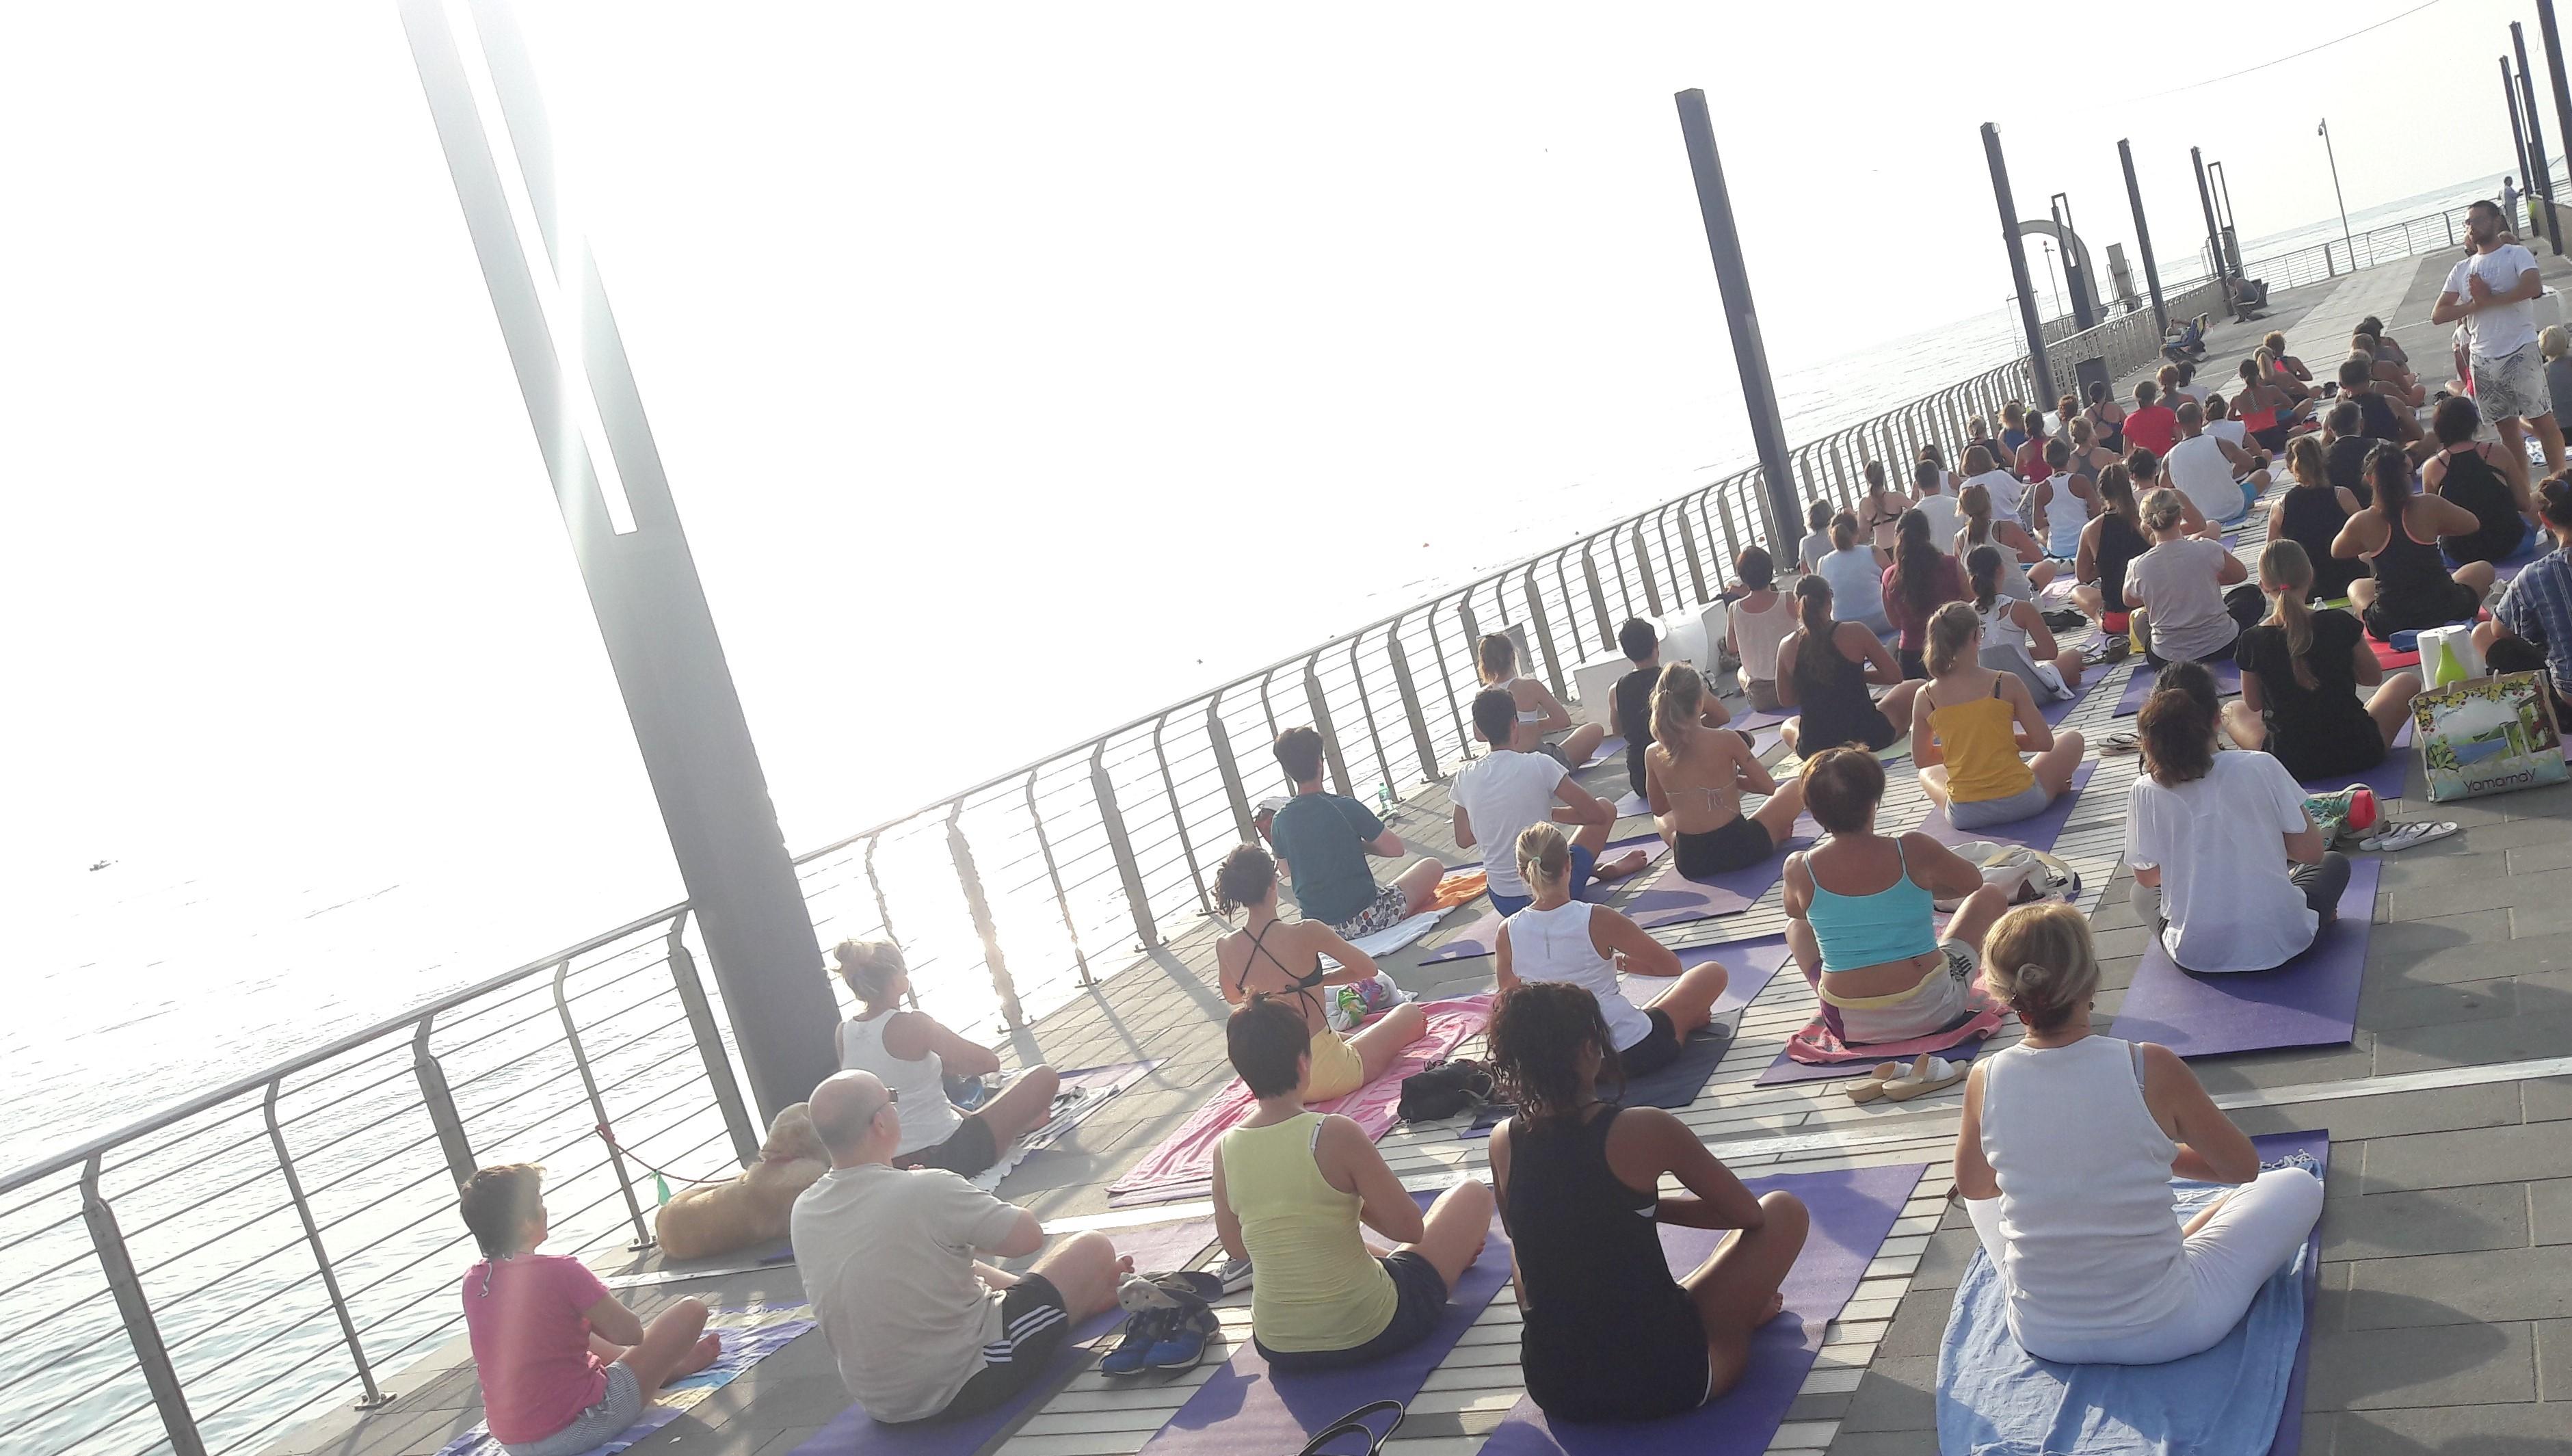 essere-free-yoga-gratuito-benessere-per-tutti-village-citta-alassio-estate-lucia-ragazzi-summer-town-wellness-35